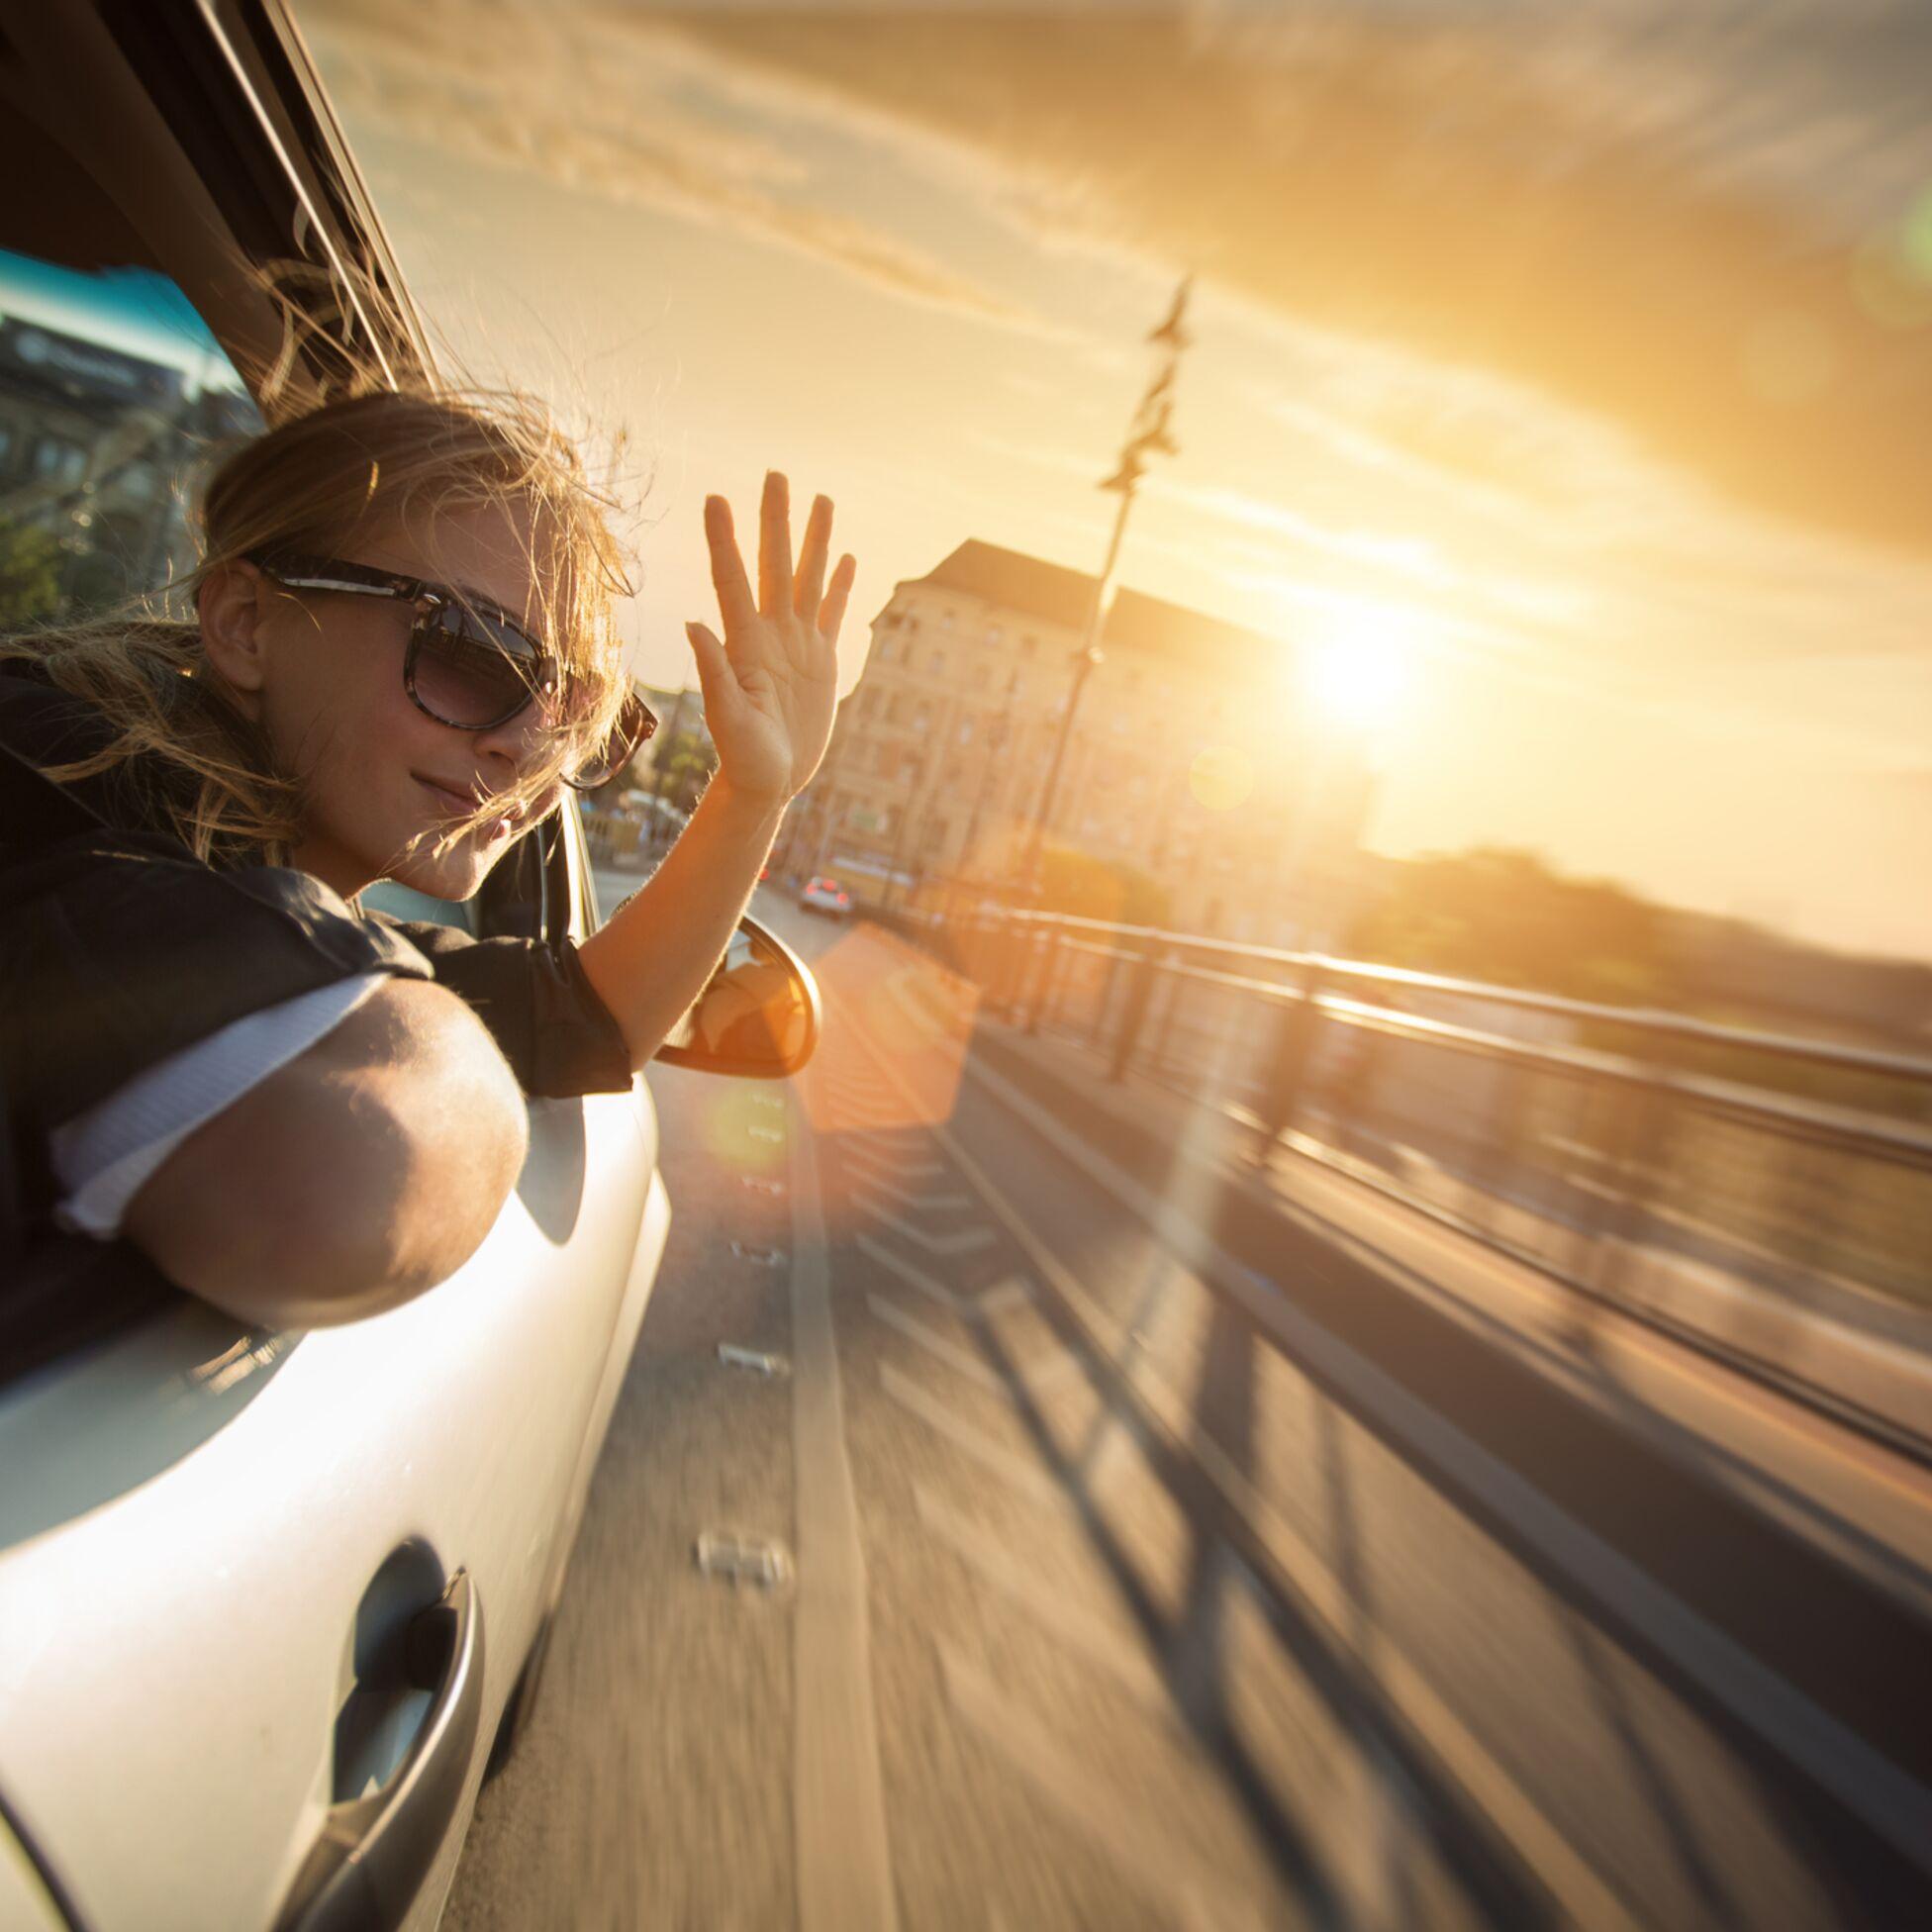 Junge Frau winkt aus geöffnetem Fenster eines fahrenden Autos.